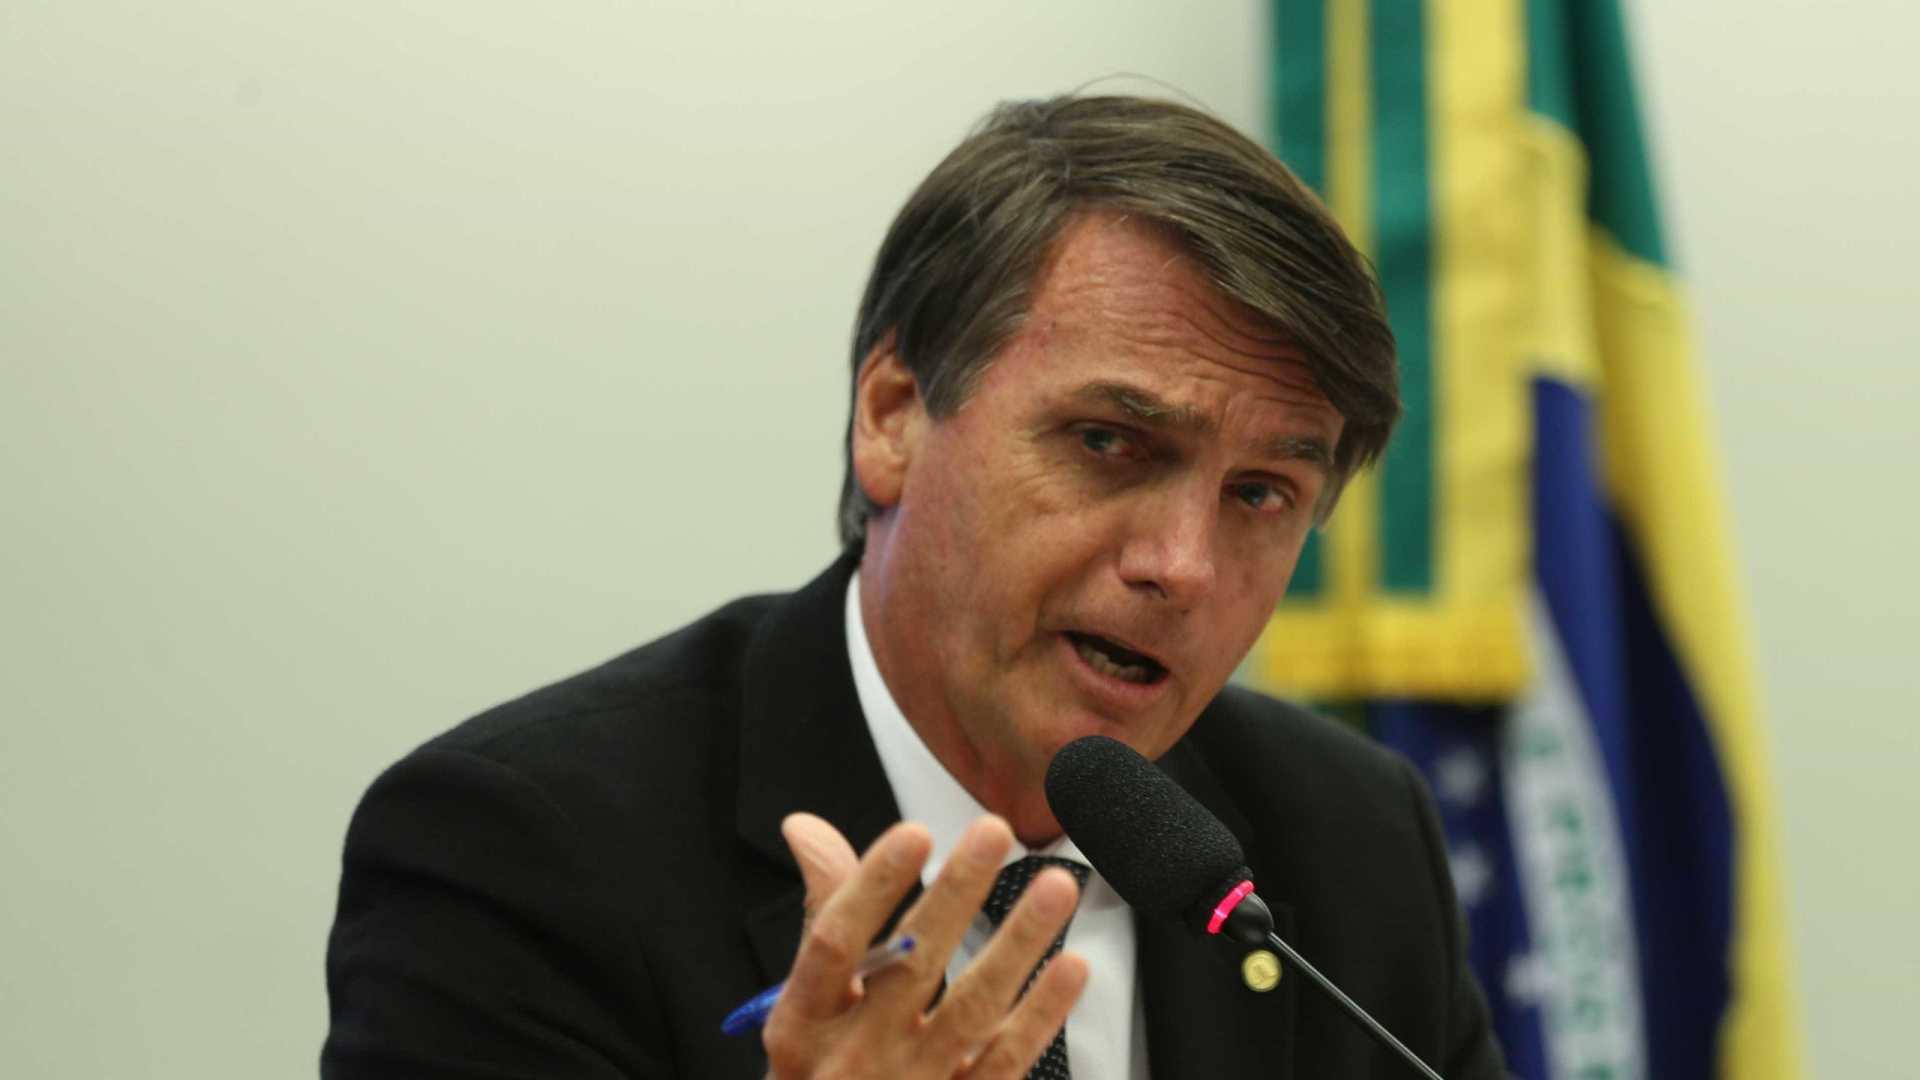 naom 594bed5ea086c - Desaprovação a Bolsonaro sobe a 64%, diz pesquisa